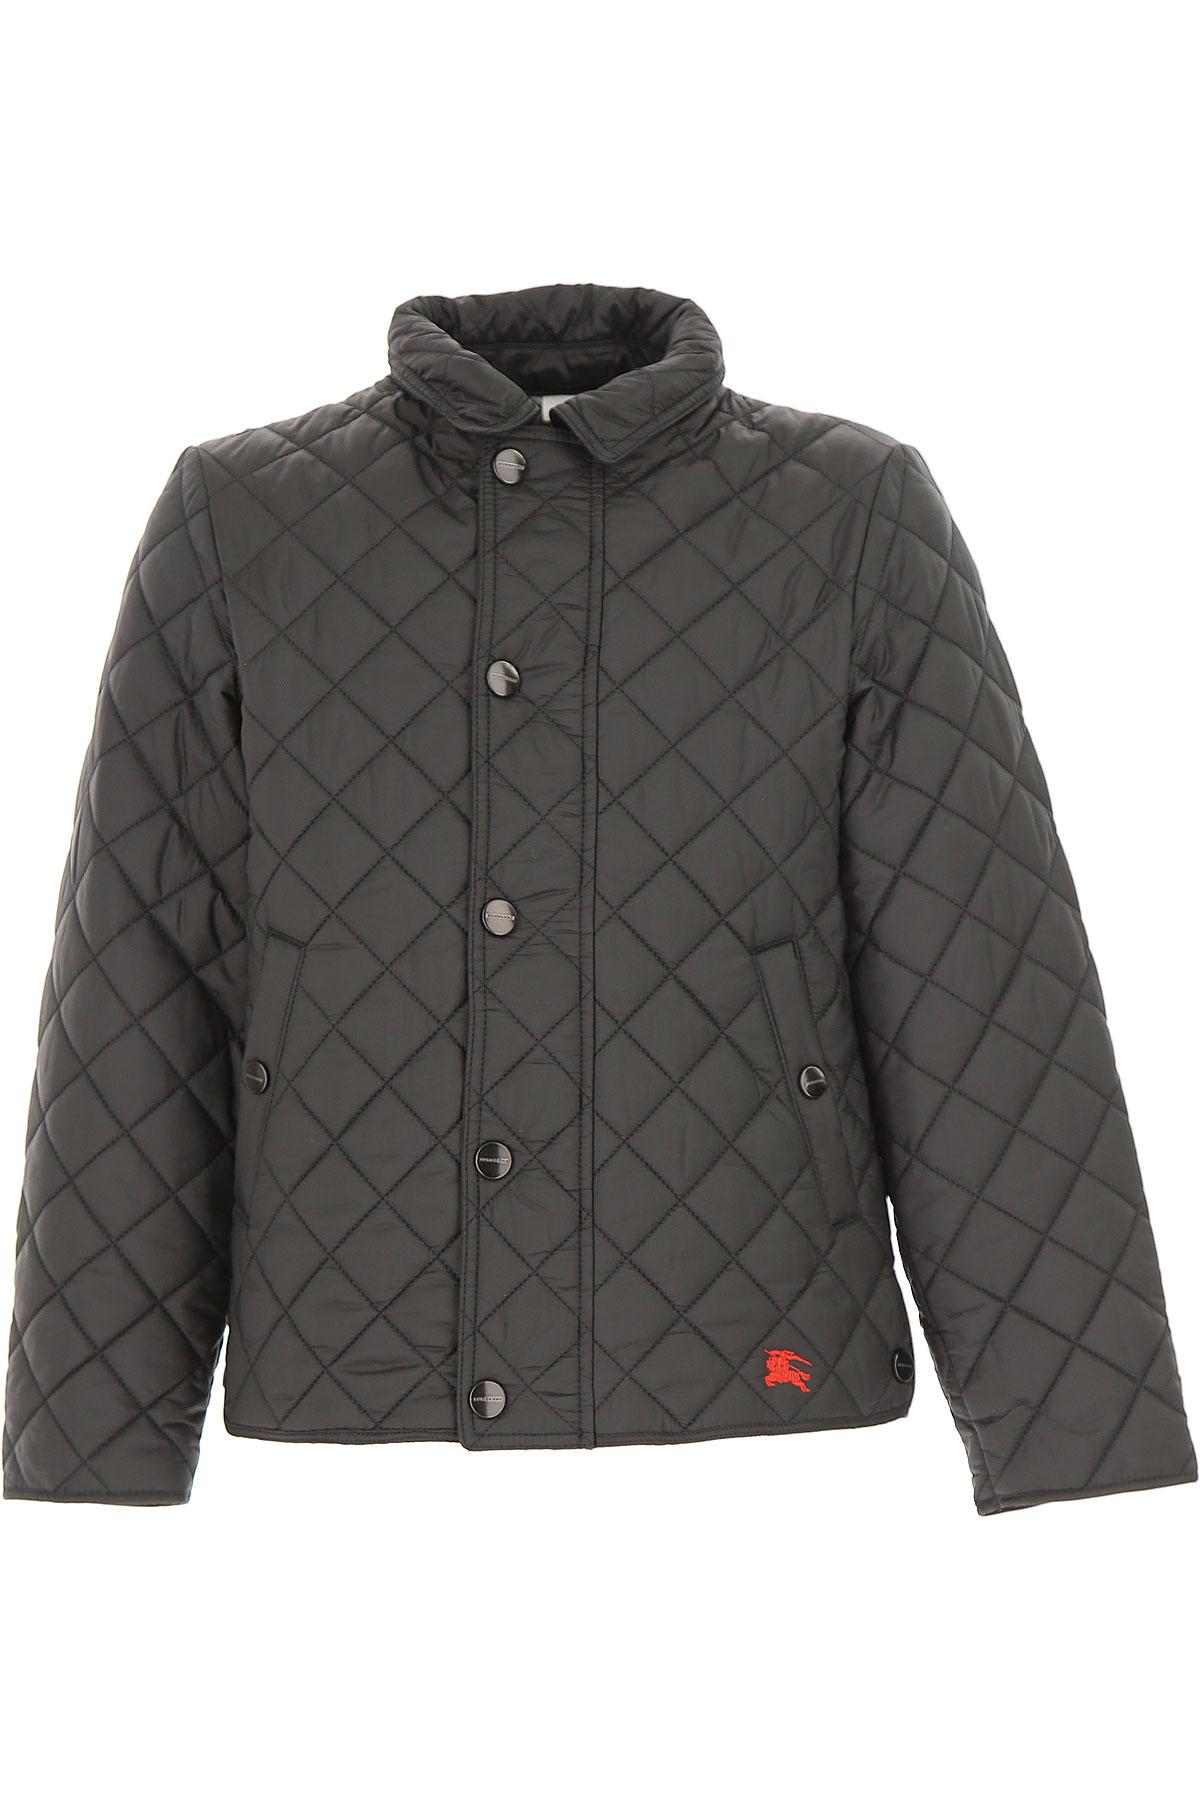 Image of Burberry Kids Jacket for Boys, Black, Cotton, 2017, 10Y 14Y 4Y 6Y 8Y